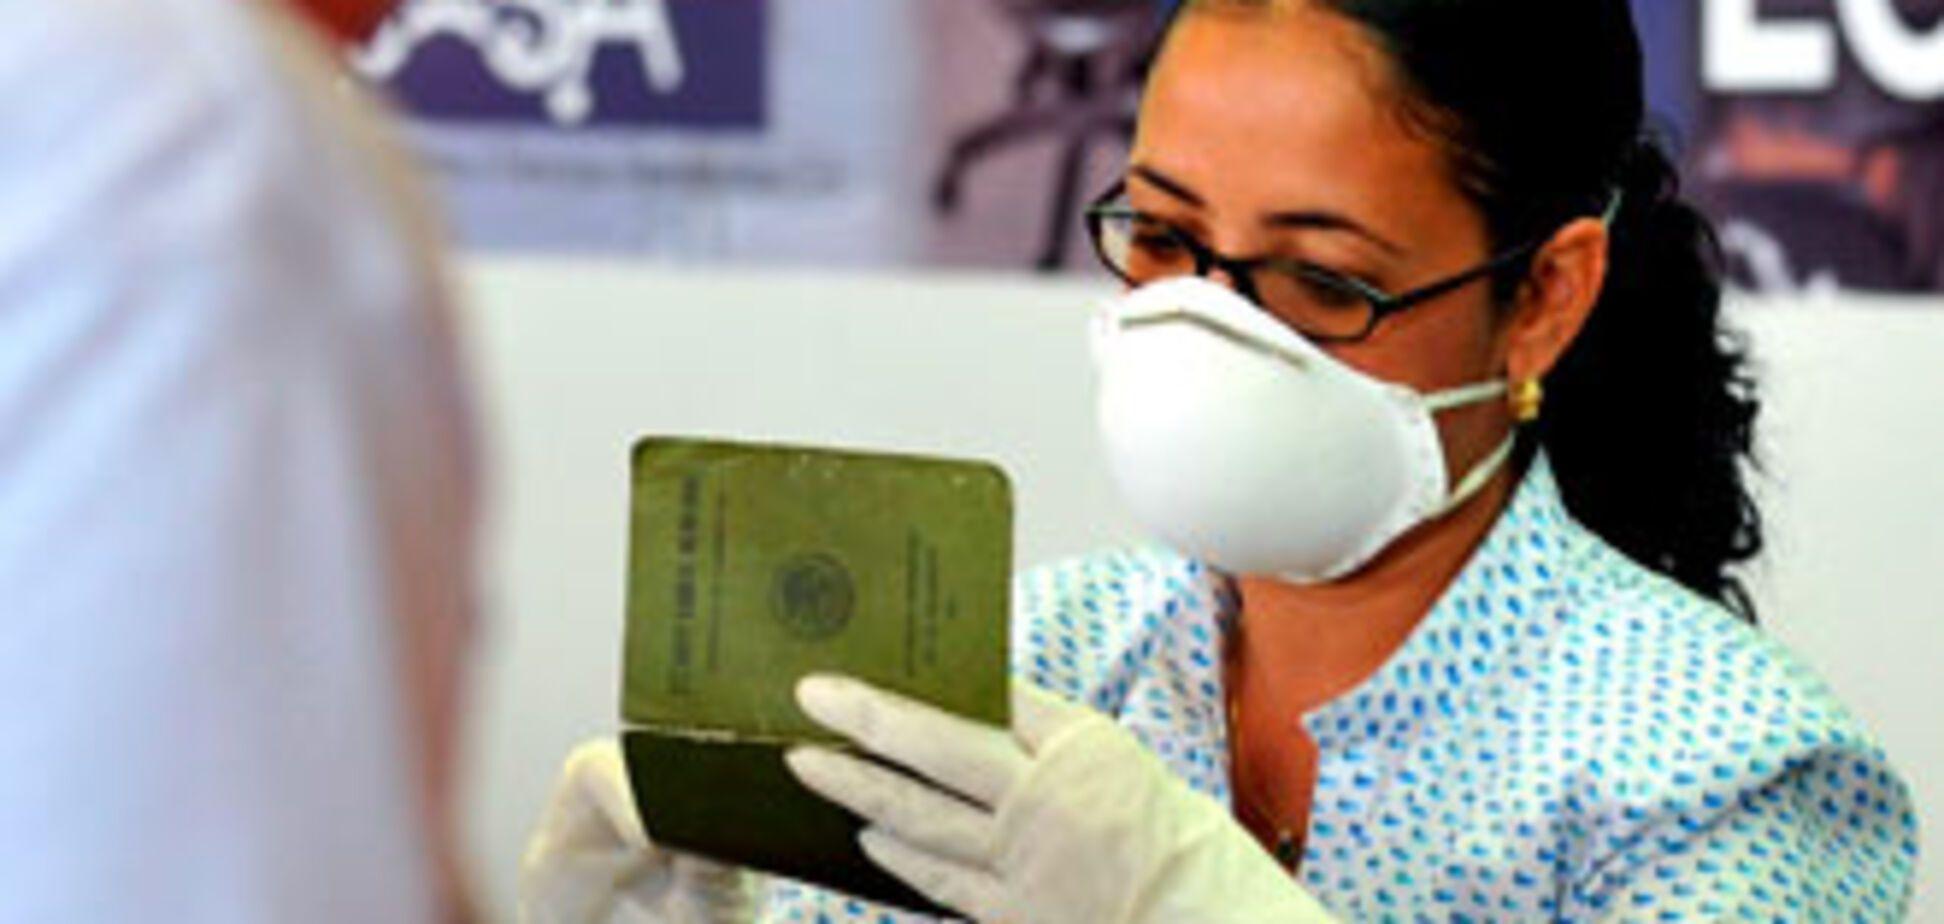 У нью-йоркських школярів підозрюють свинячий грип